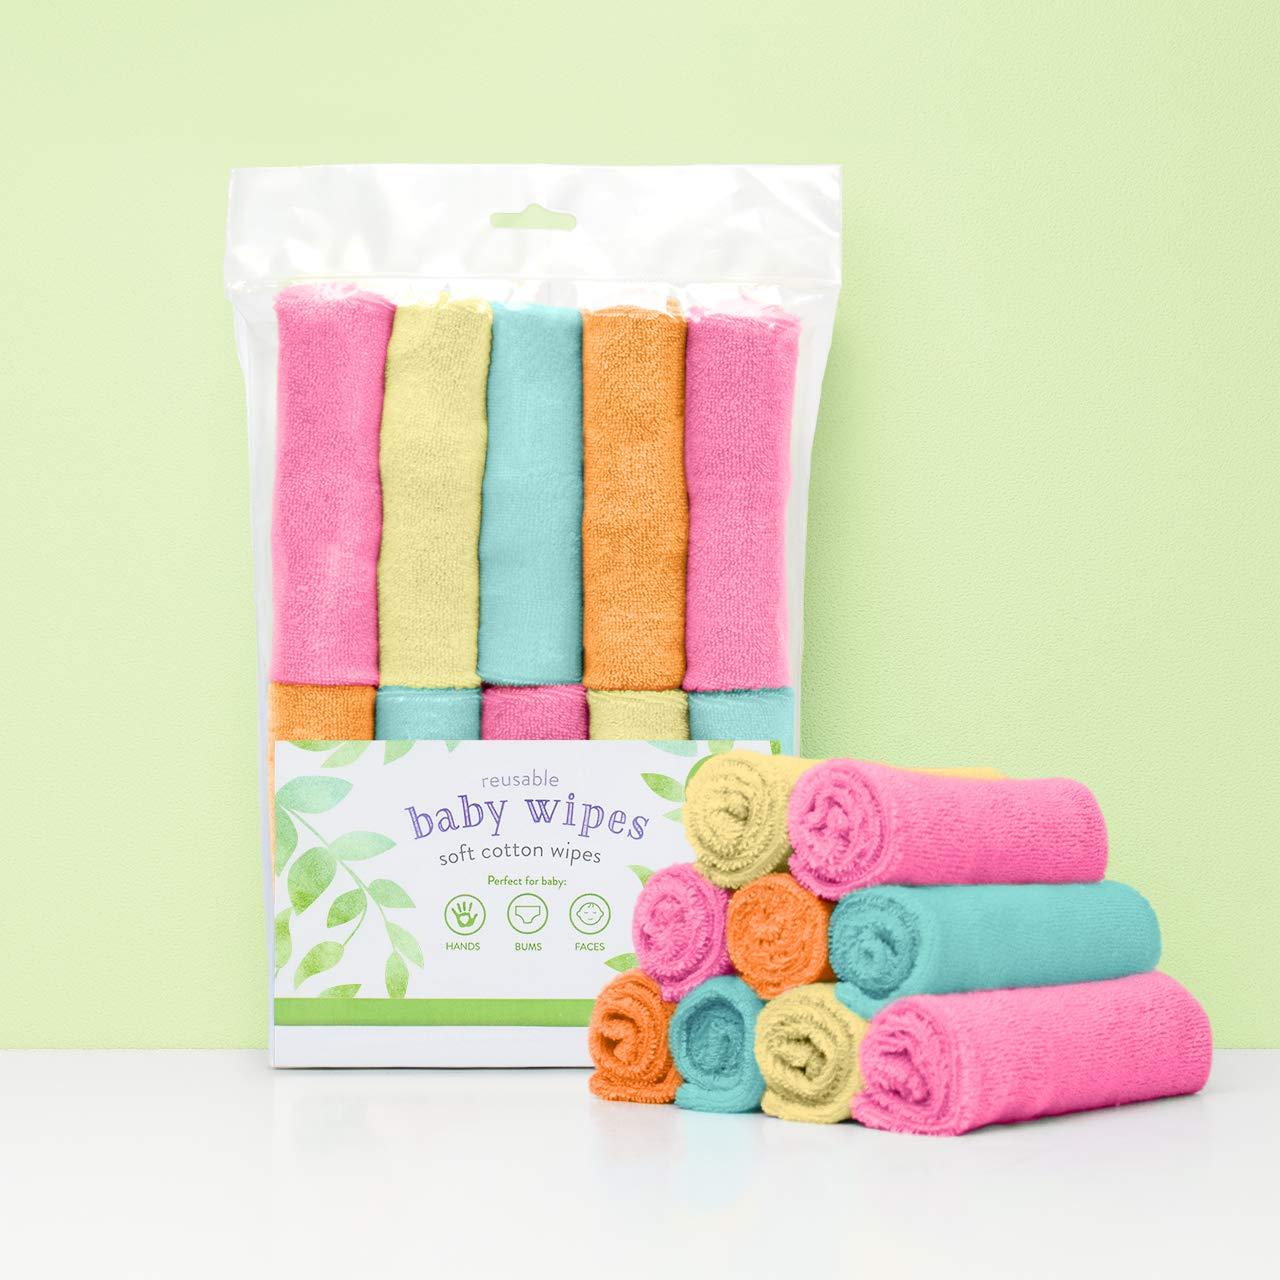 Bambino Mio, toallitas para bebé reutilizables, paquete de 10uds, frambuesa: Amazon.es: Bebé